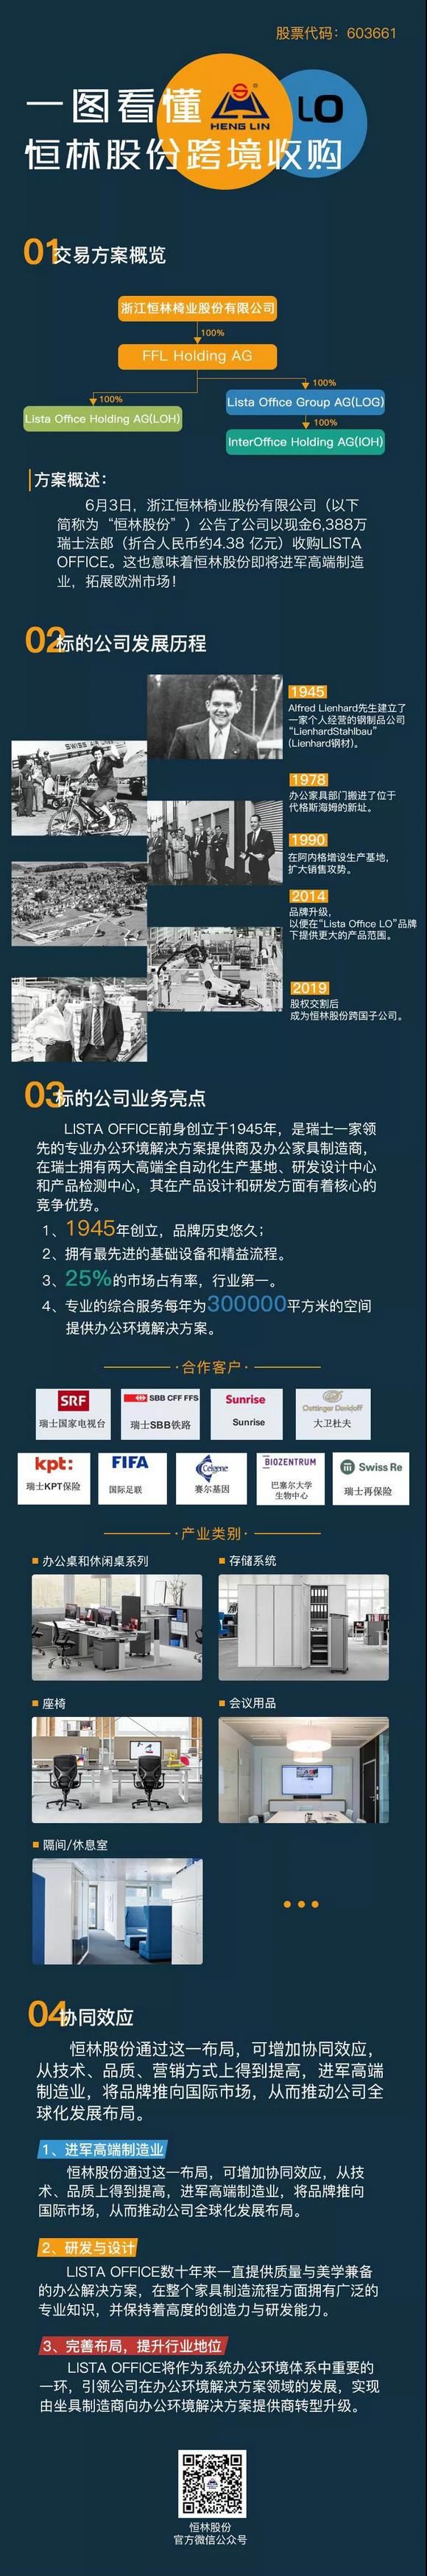 恒林股份4.38亿元收购瑞士Lista Office,进军高端制造业,拓展欧洲市场